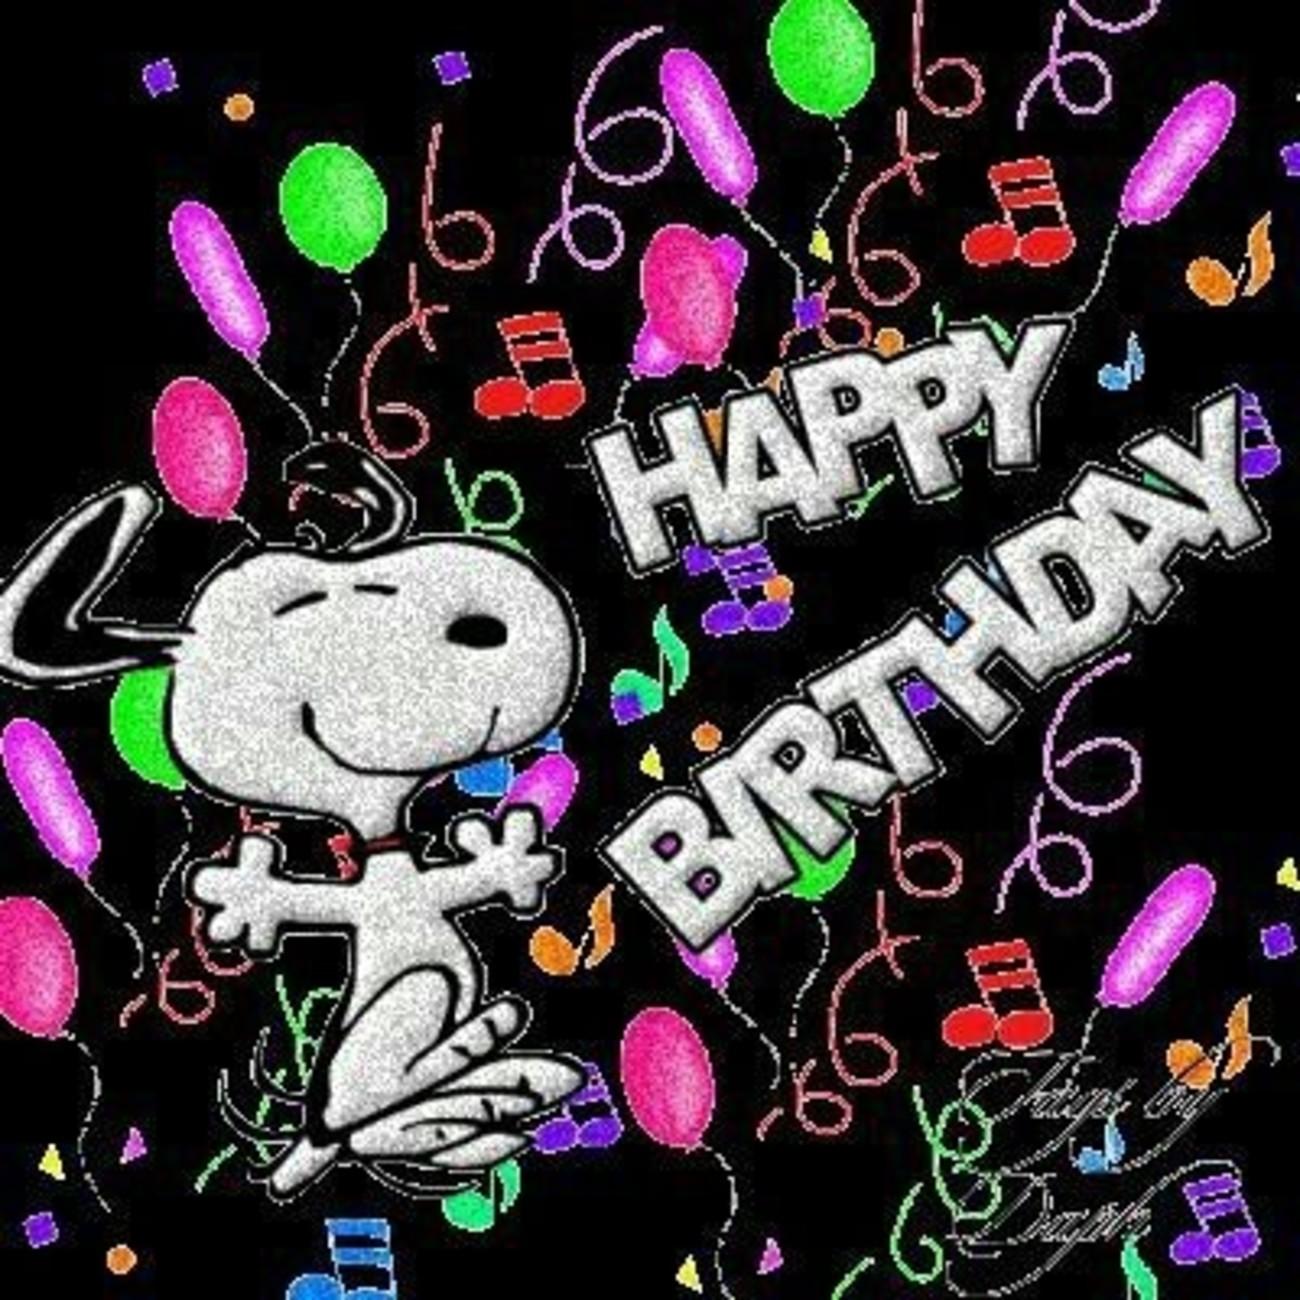 Buon Compleanno Con Snoopy In Inglese 322 Buongiorno Immagini It